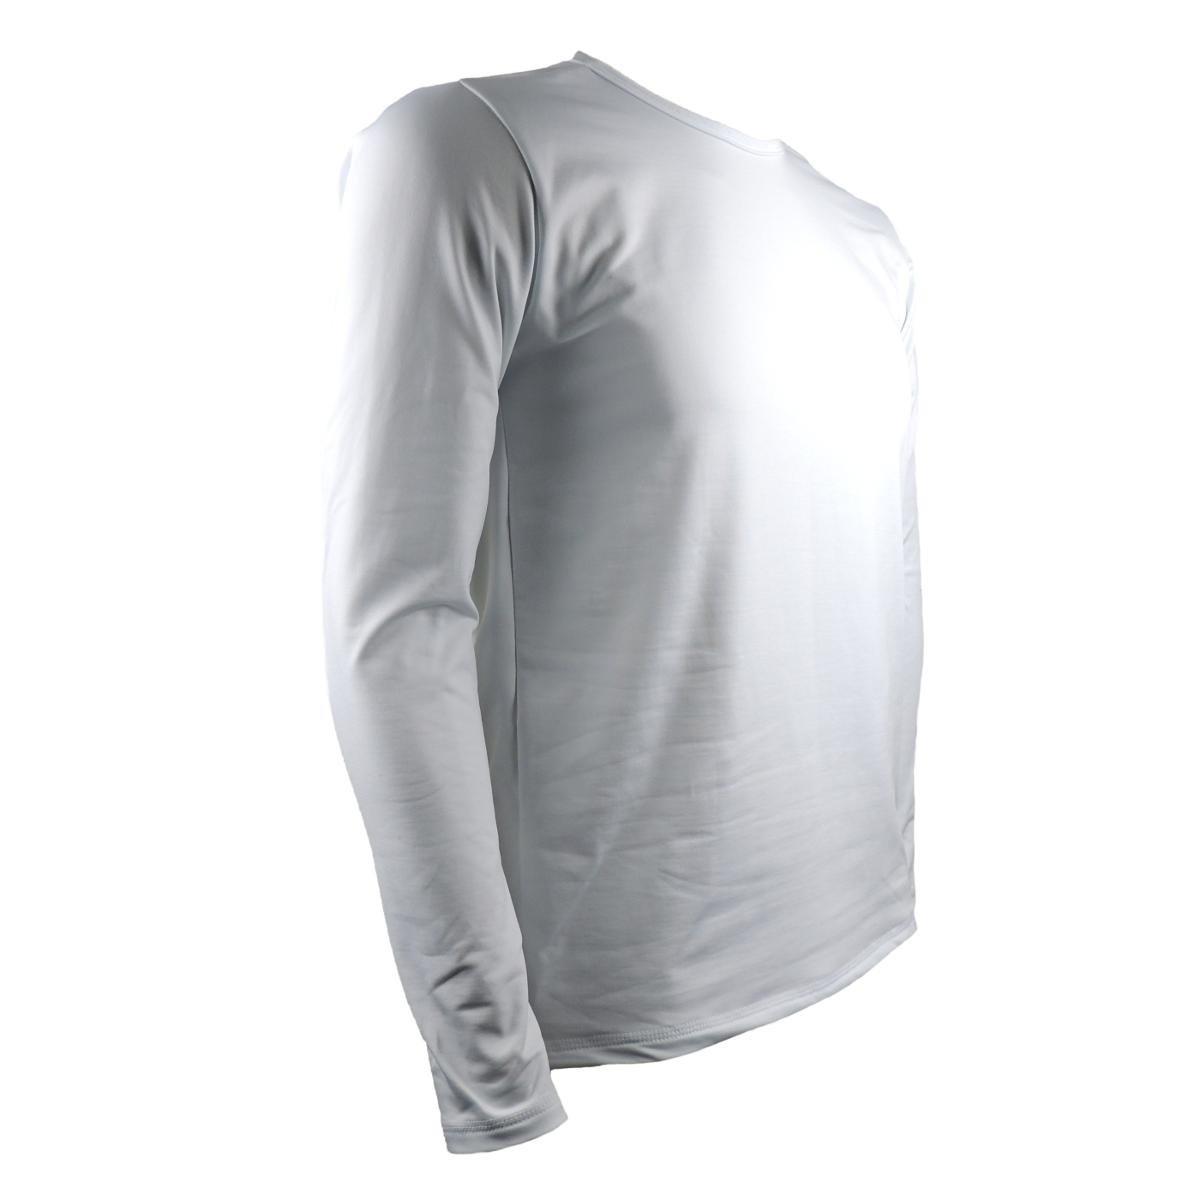 Camisa Térmica Masculina Segunda Pele Thermo Premium - Branco ... bde6af7637b24